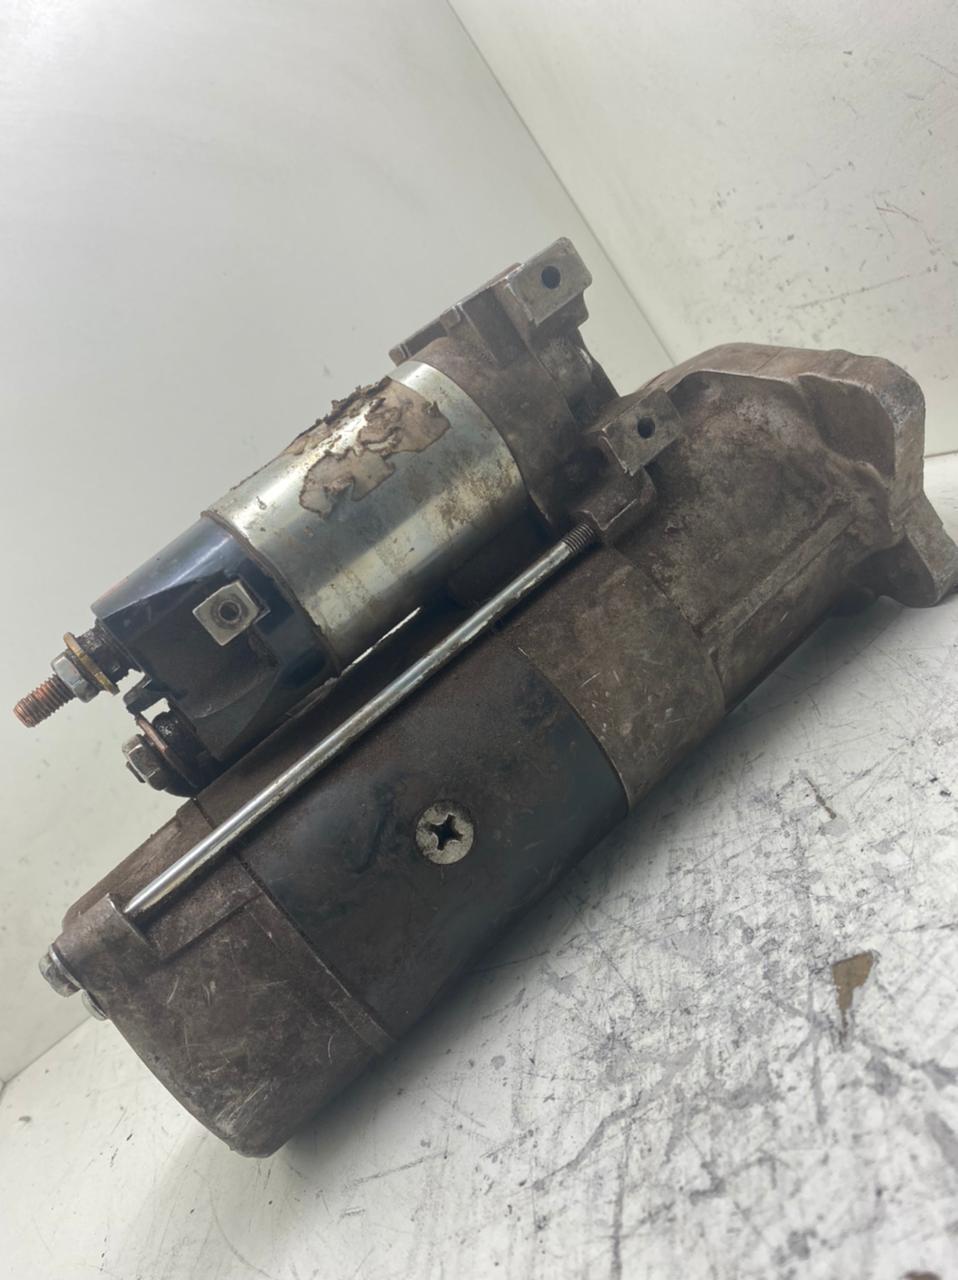 Motor de Partida Arranque CATERPILLAR 315 320 MITSUBISHI 24V 10D 1252988 M008T60871 M8T60871 008T60873 32B66 02102